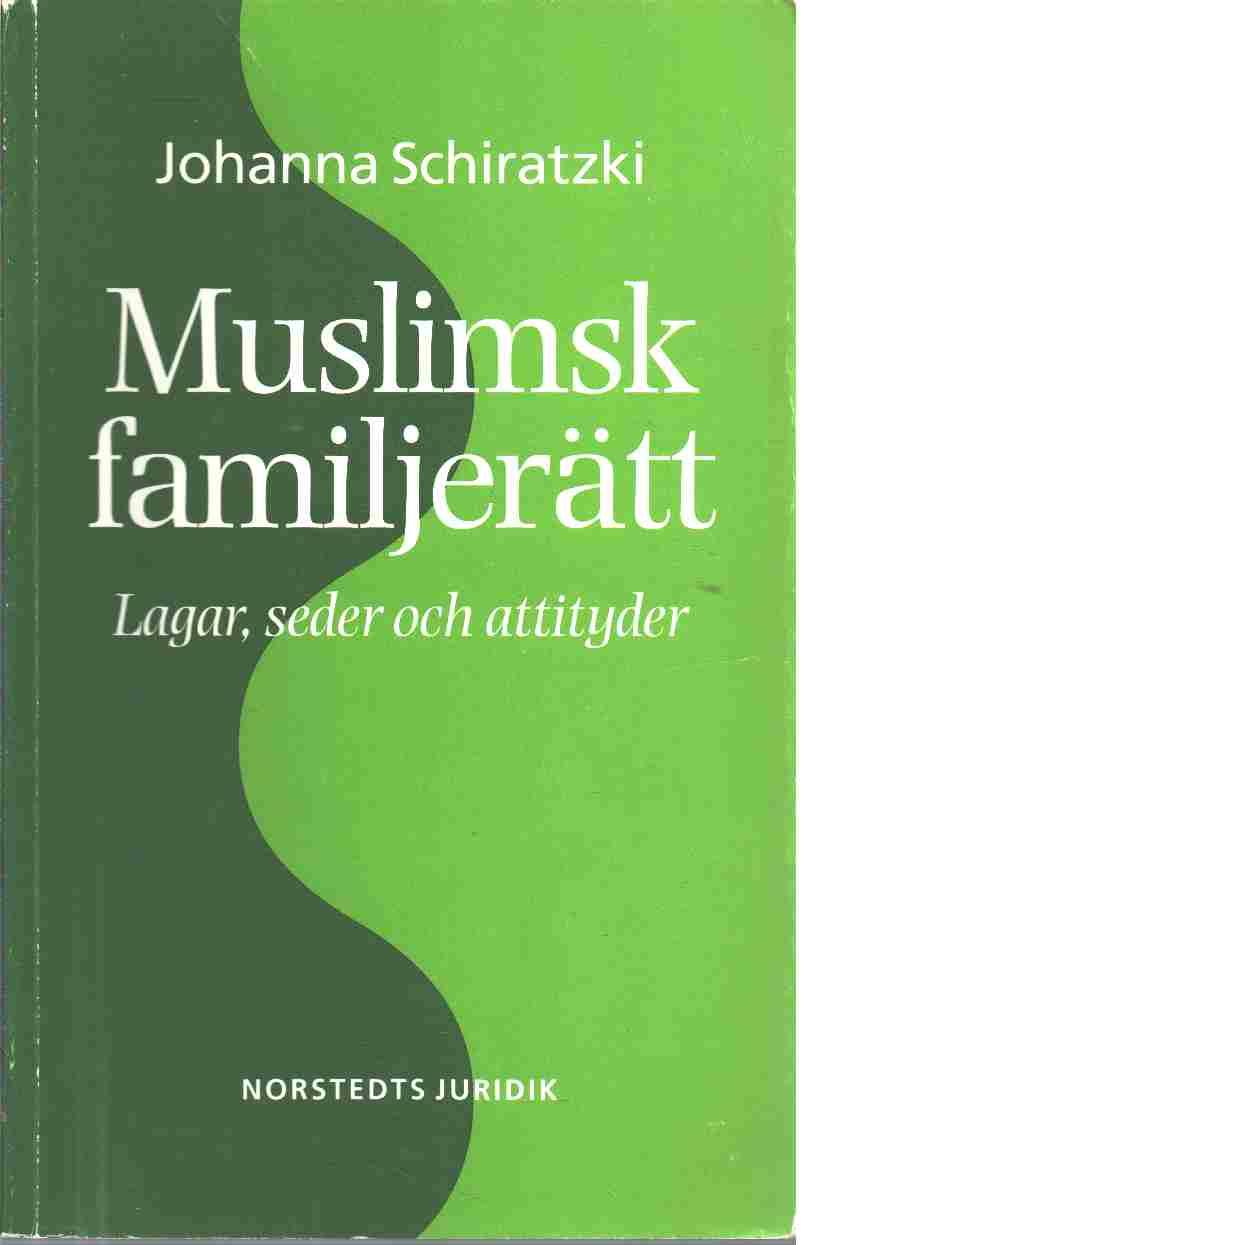 Muslimsk familjerätt : lagar, seder och attityder - Schiratzki, Johanna